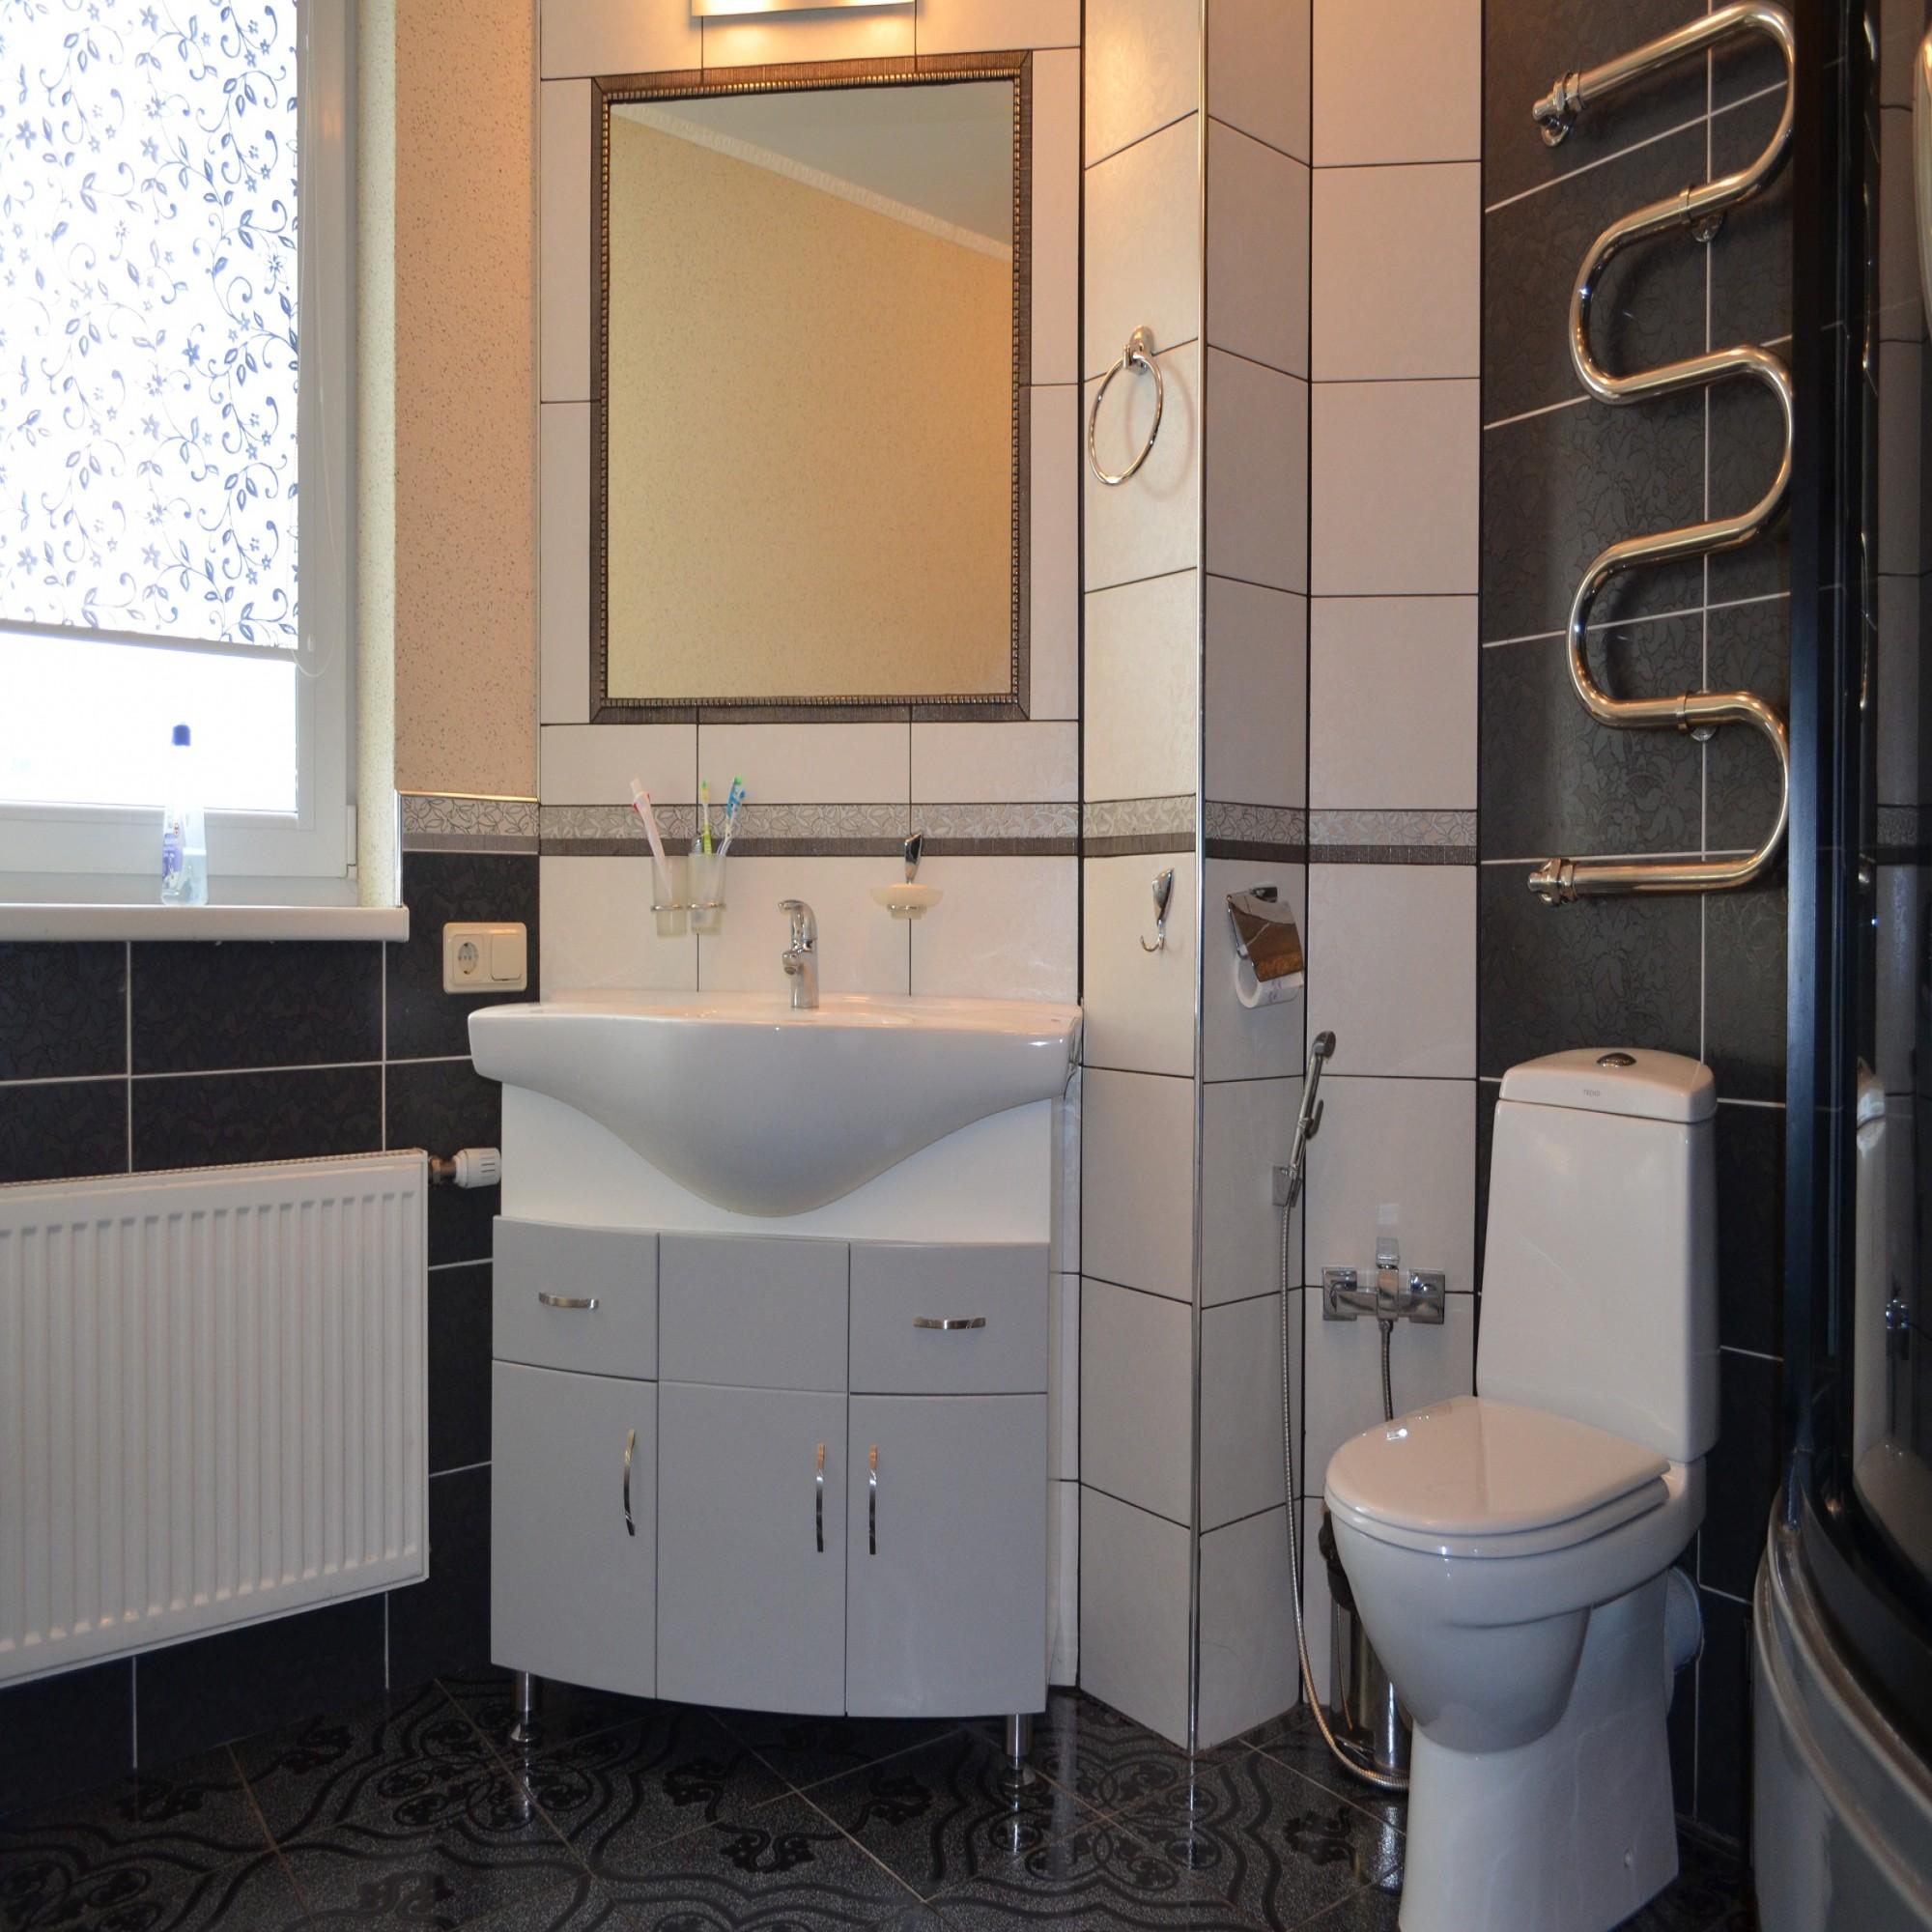 » Ванная комната в черно-белых тонах